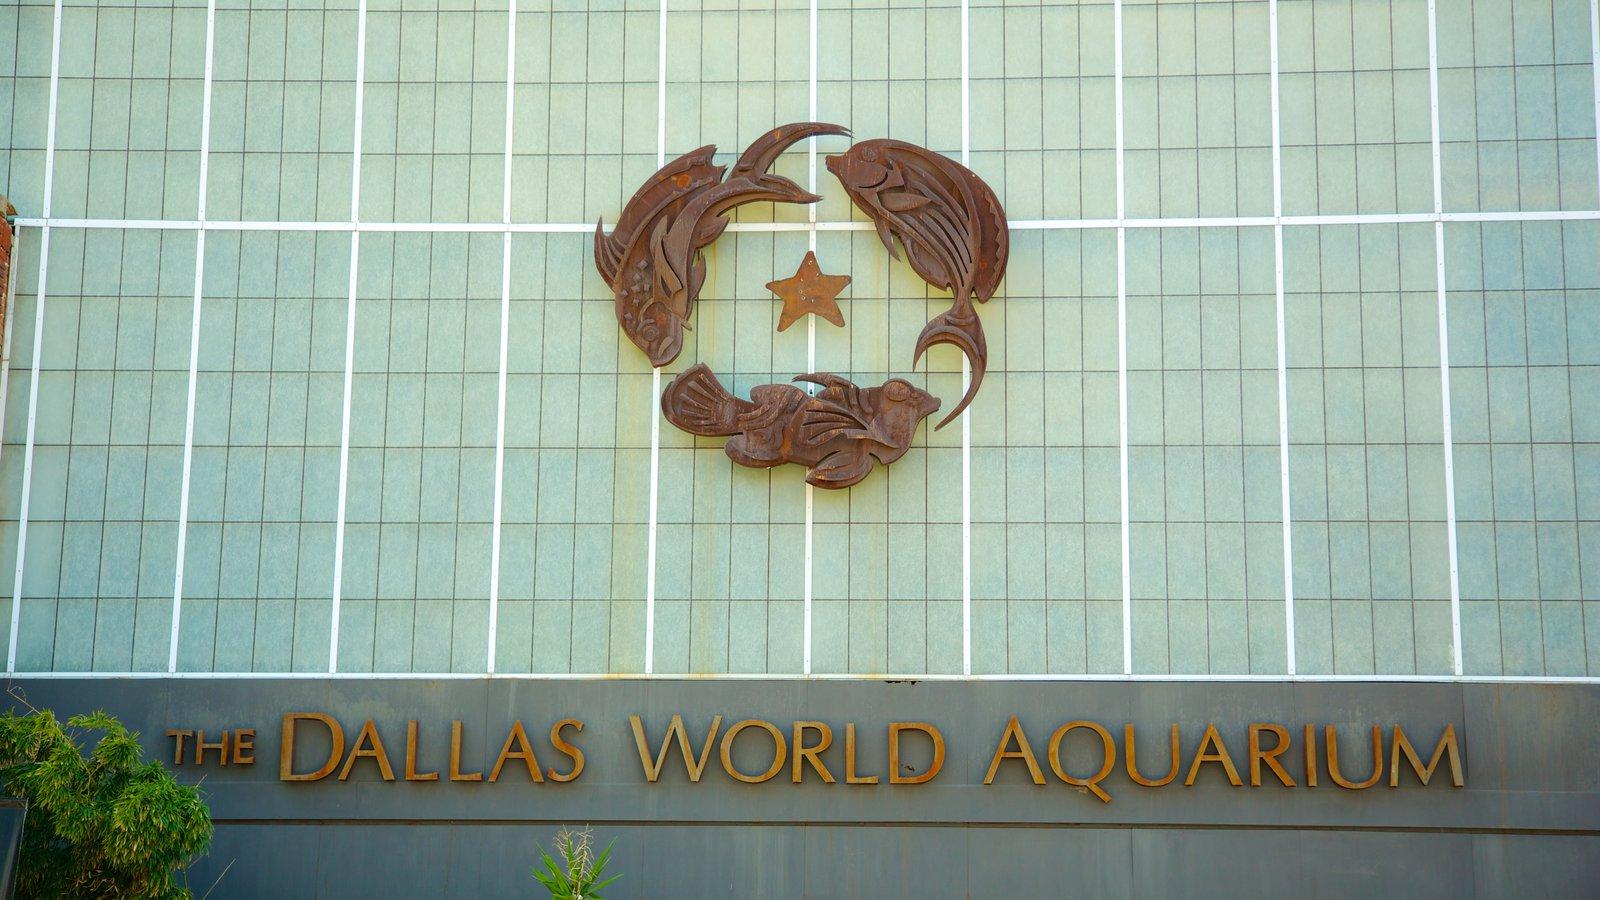 Dallas World Aquarium que inclui sinalização, vida marinha e arquitetura moderna